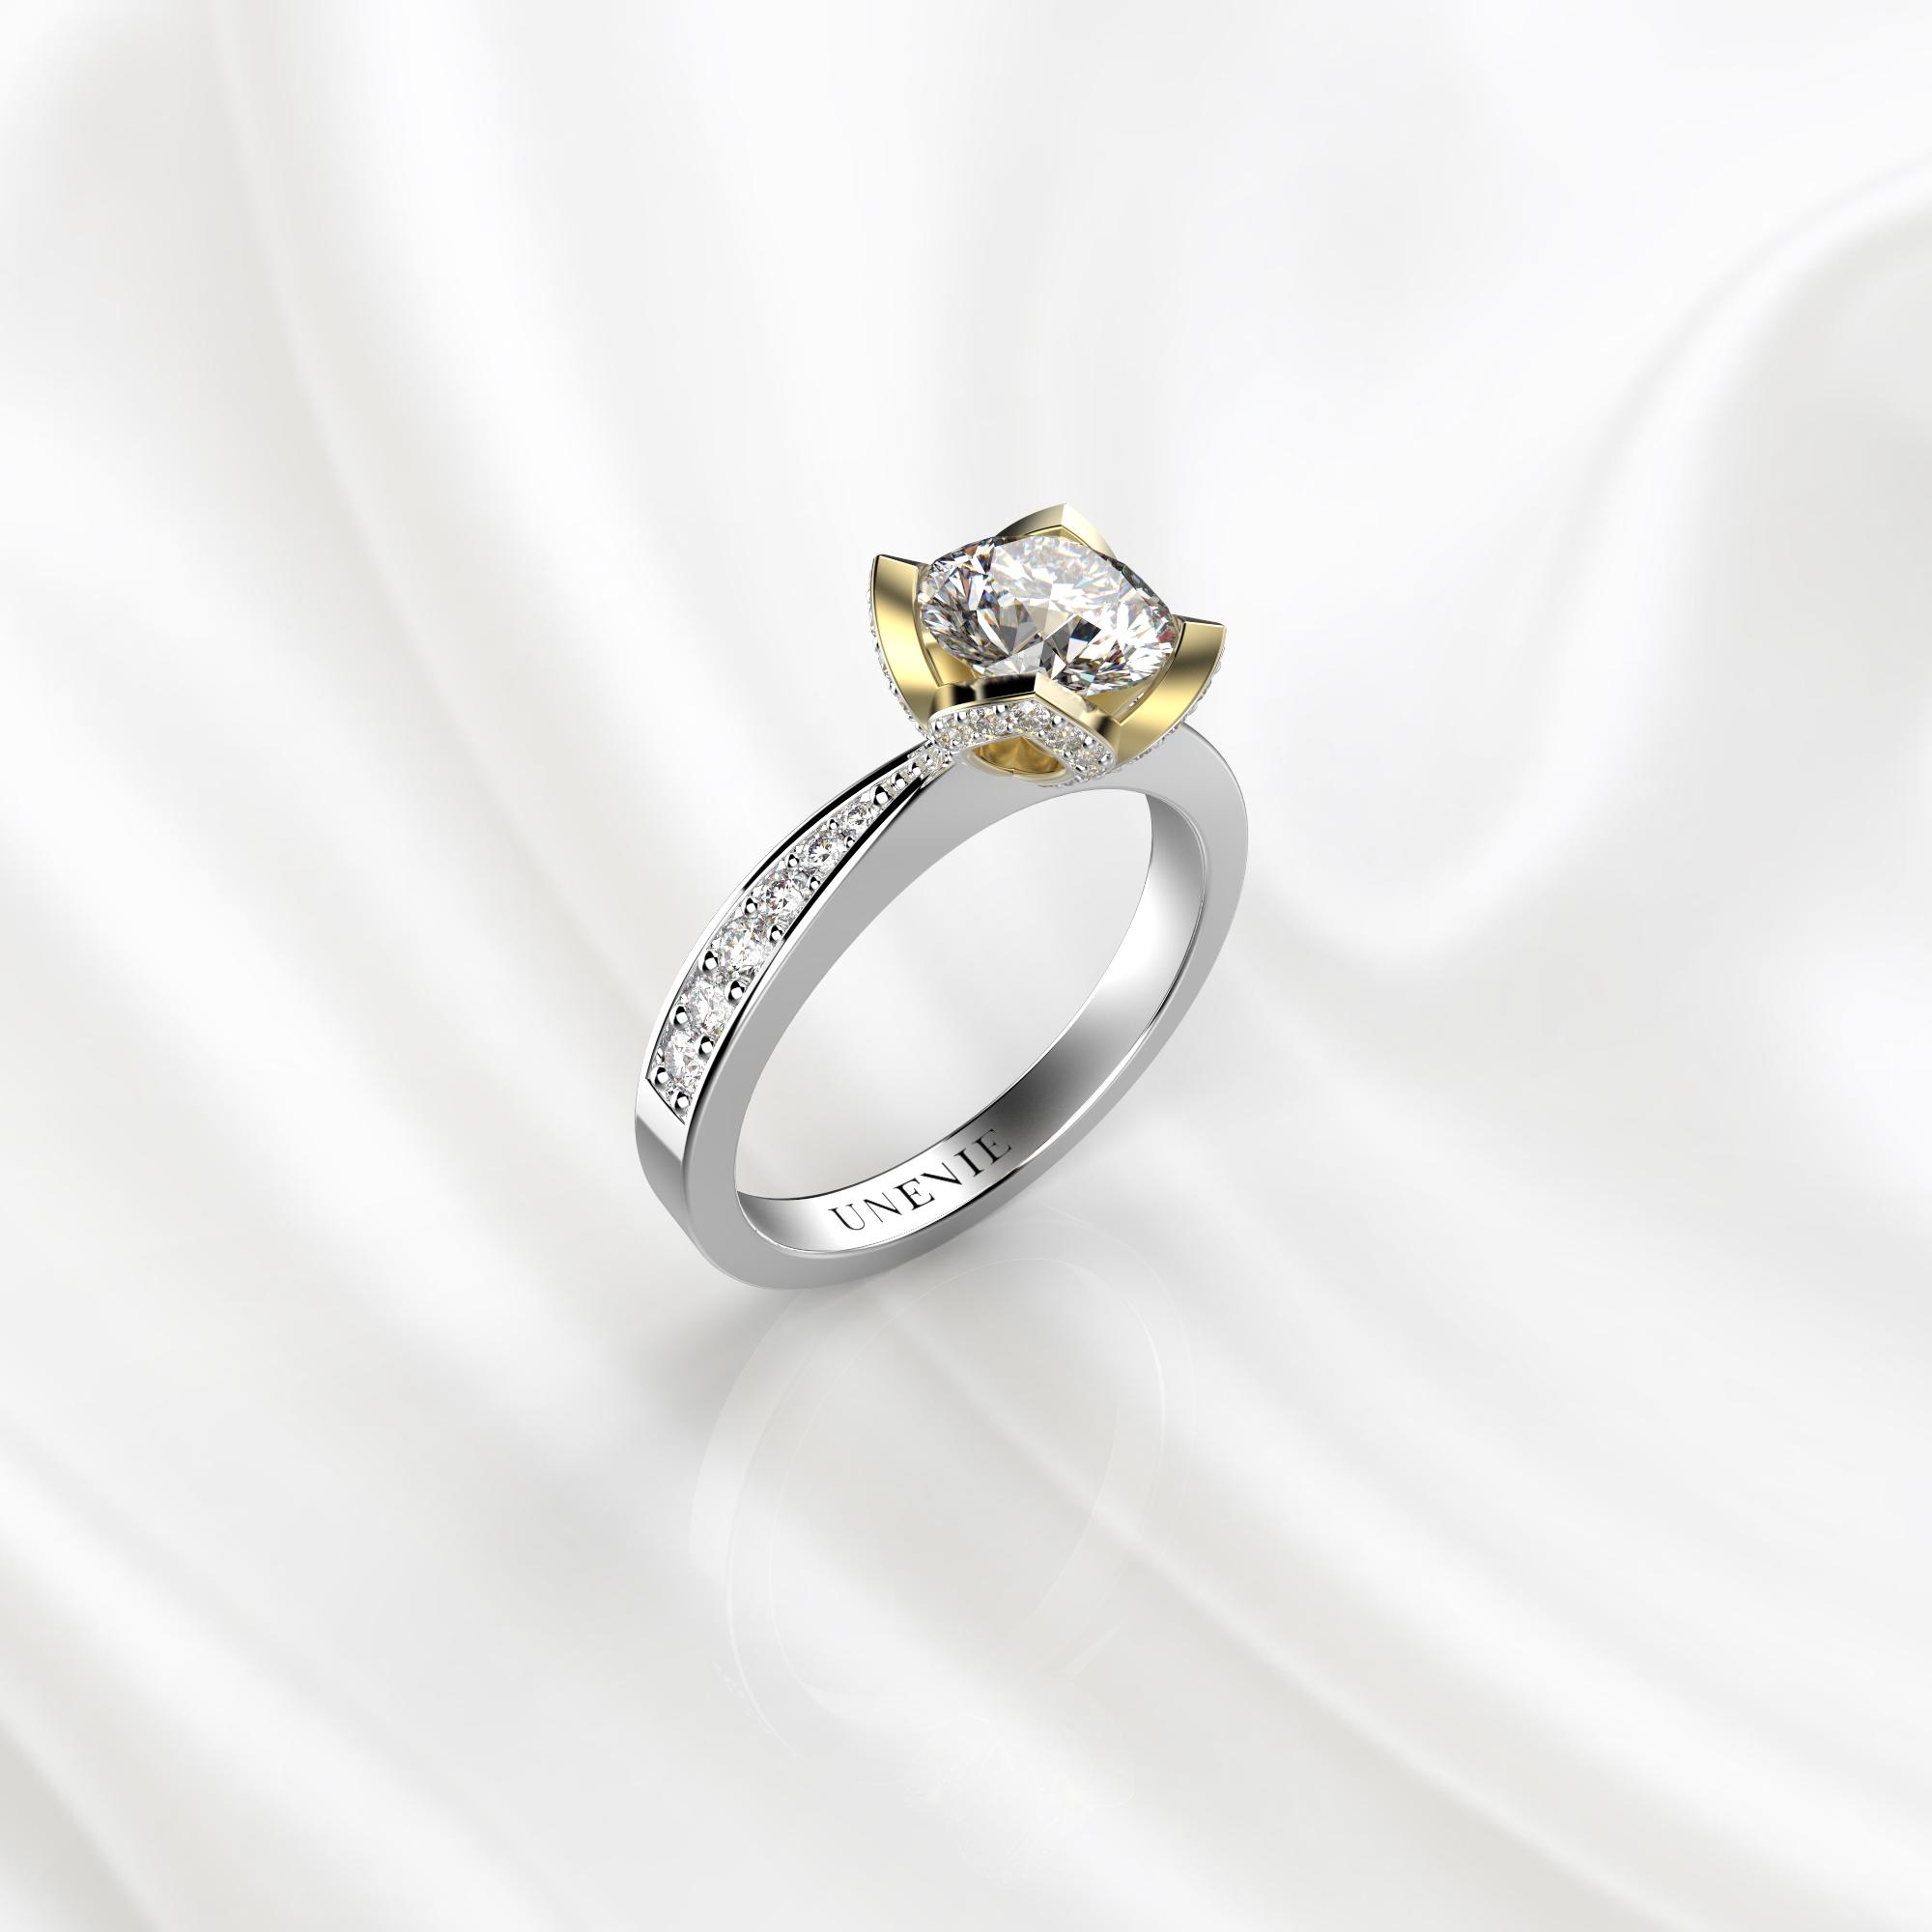 N21 Помолвочное кольцо из бело-желтого золота с бриллиантом 0.3 карат